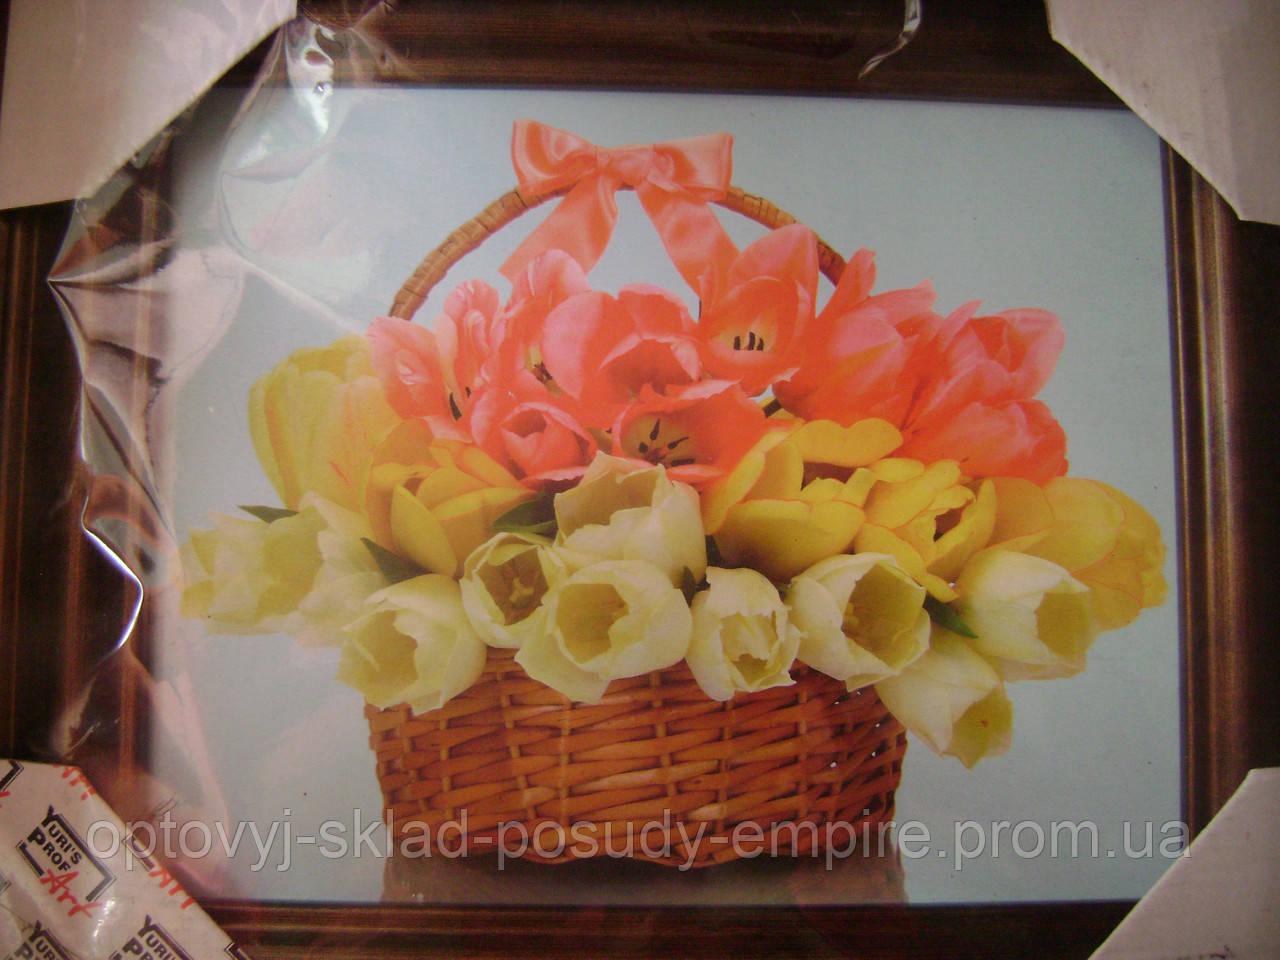 Картина 110054 Тюльпаны в корзинке